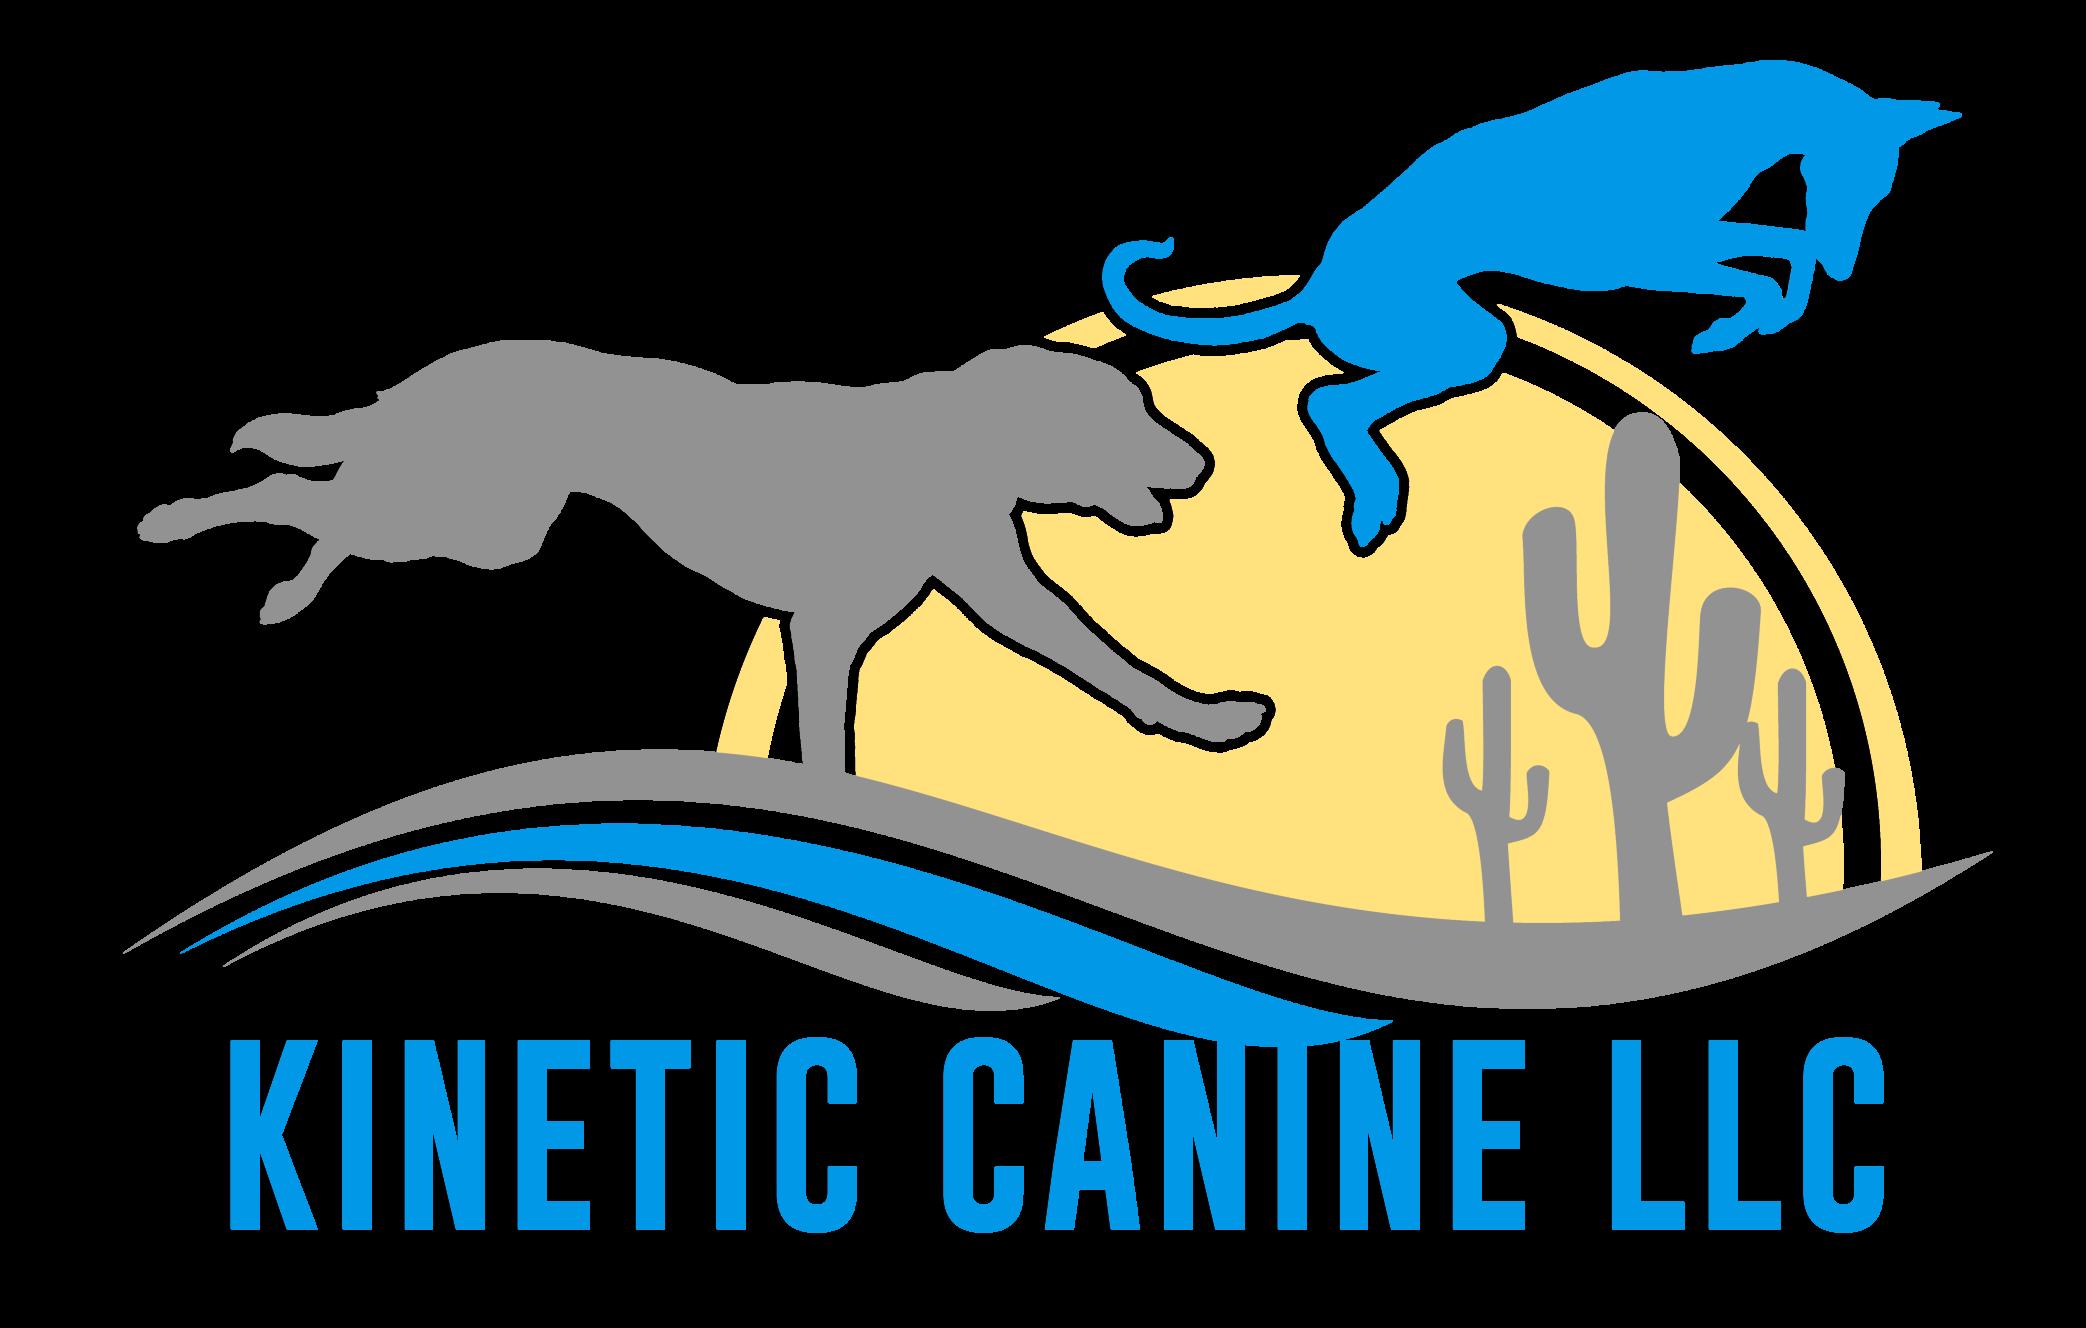 Kinetic Canine